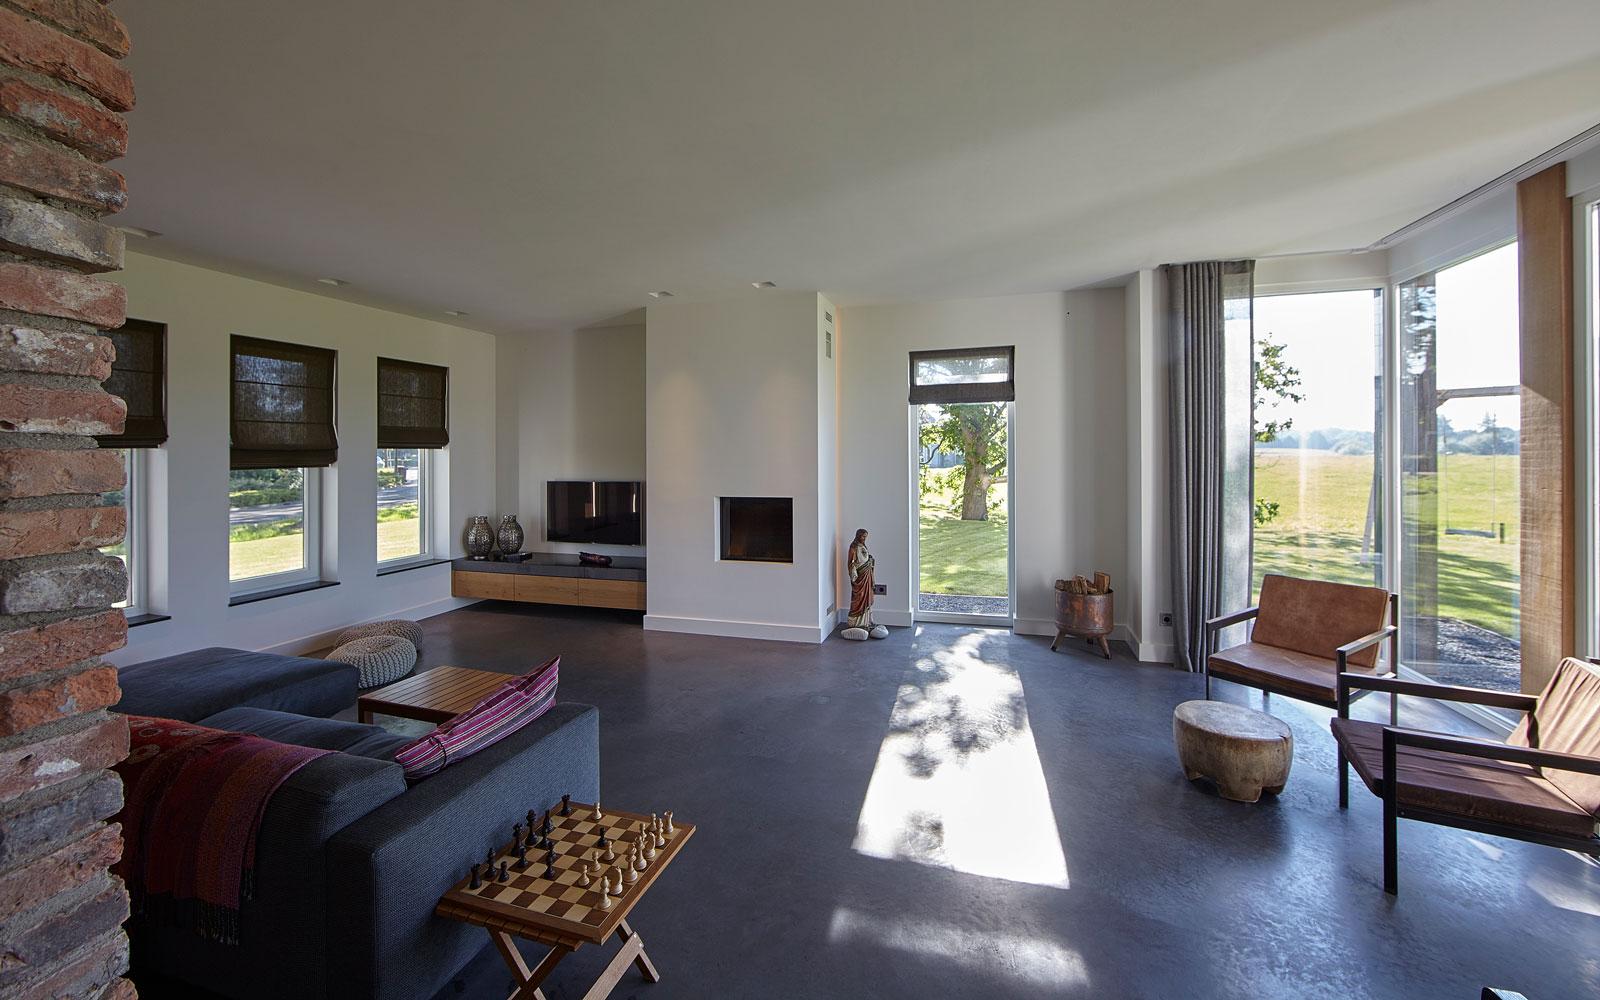 Landelijk interieur | Sfeerbeton | The Art of Living (NL)